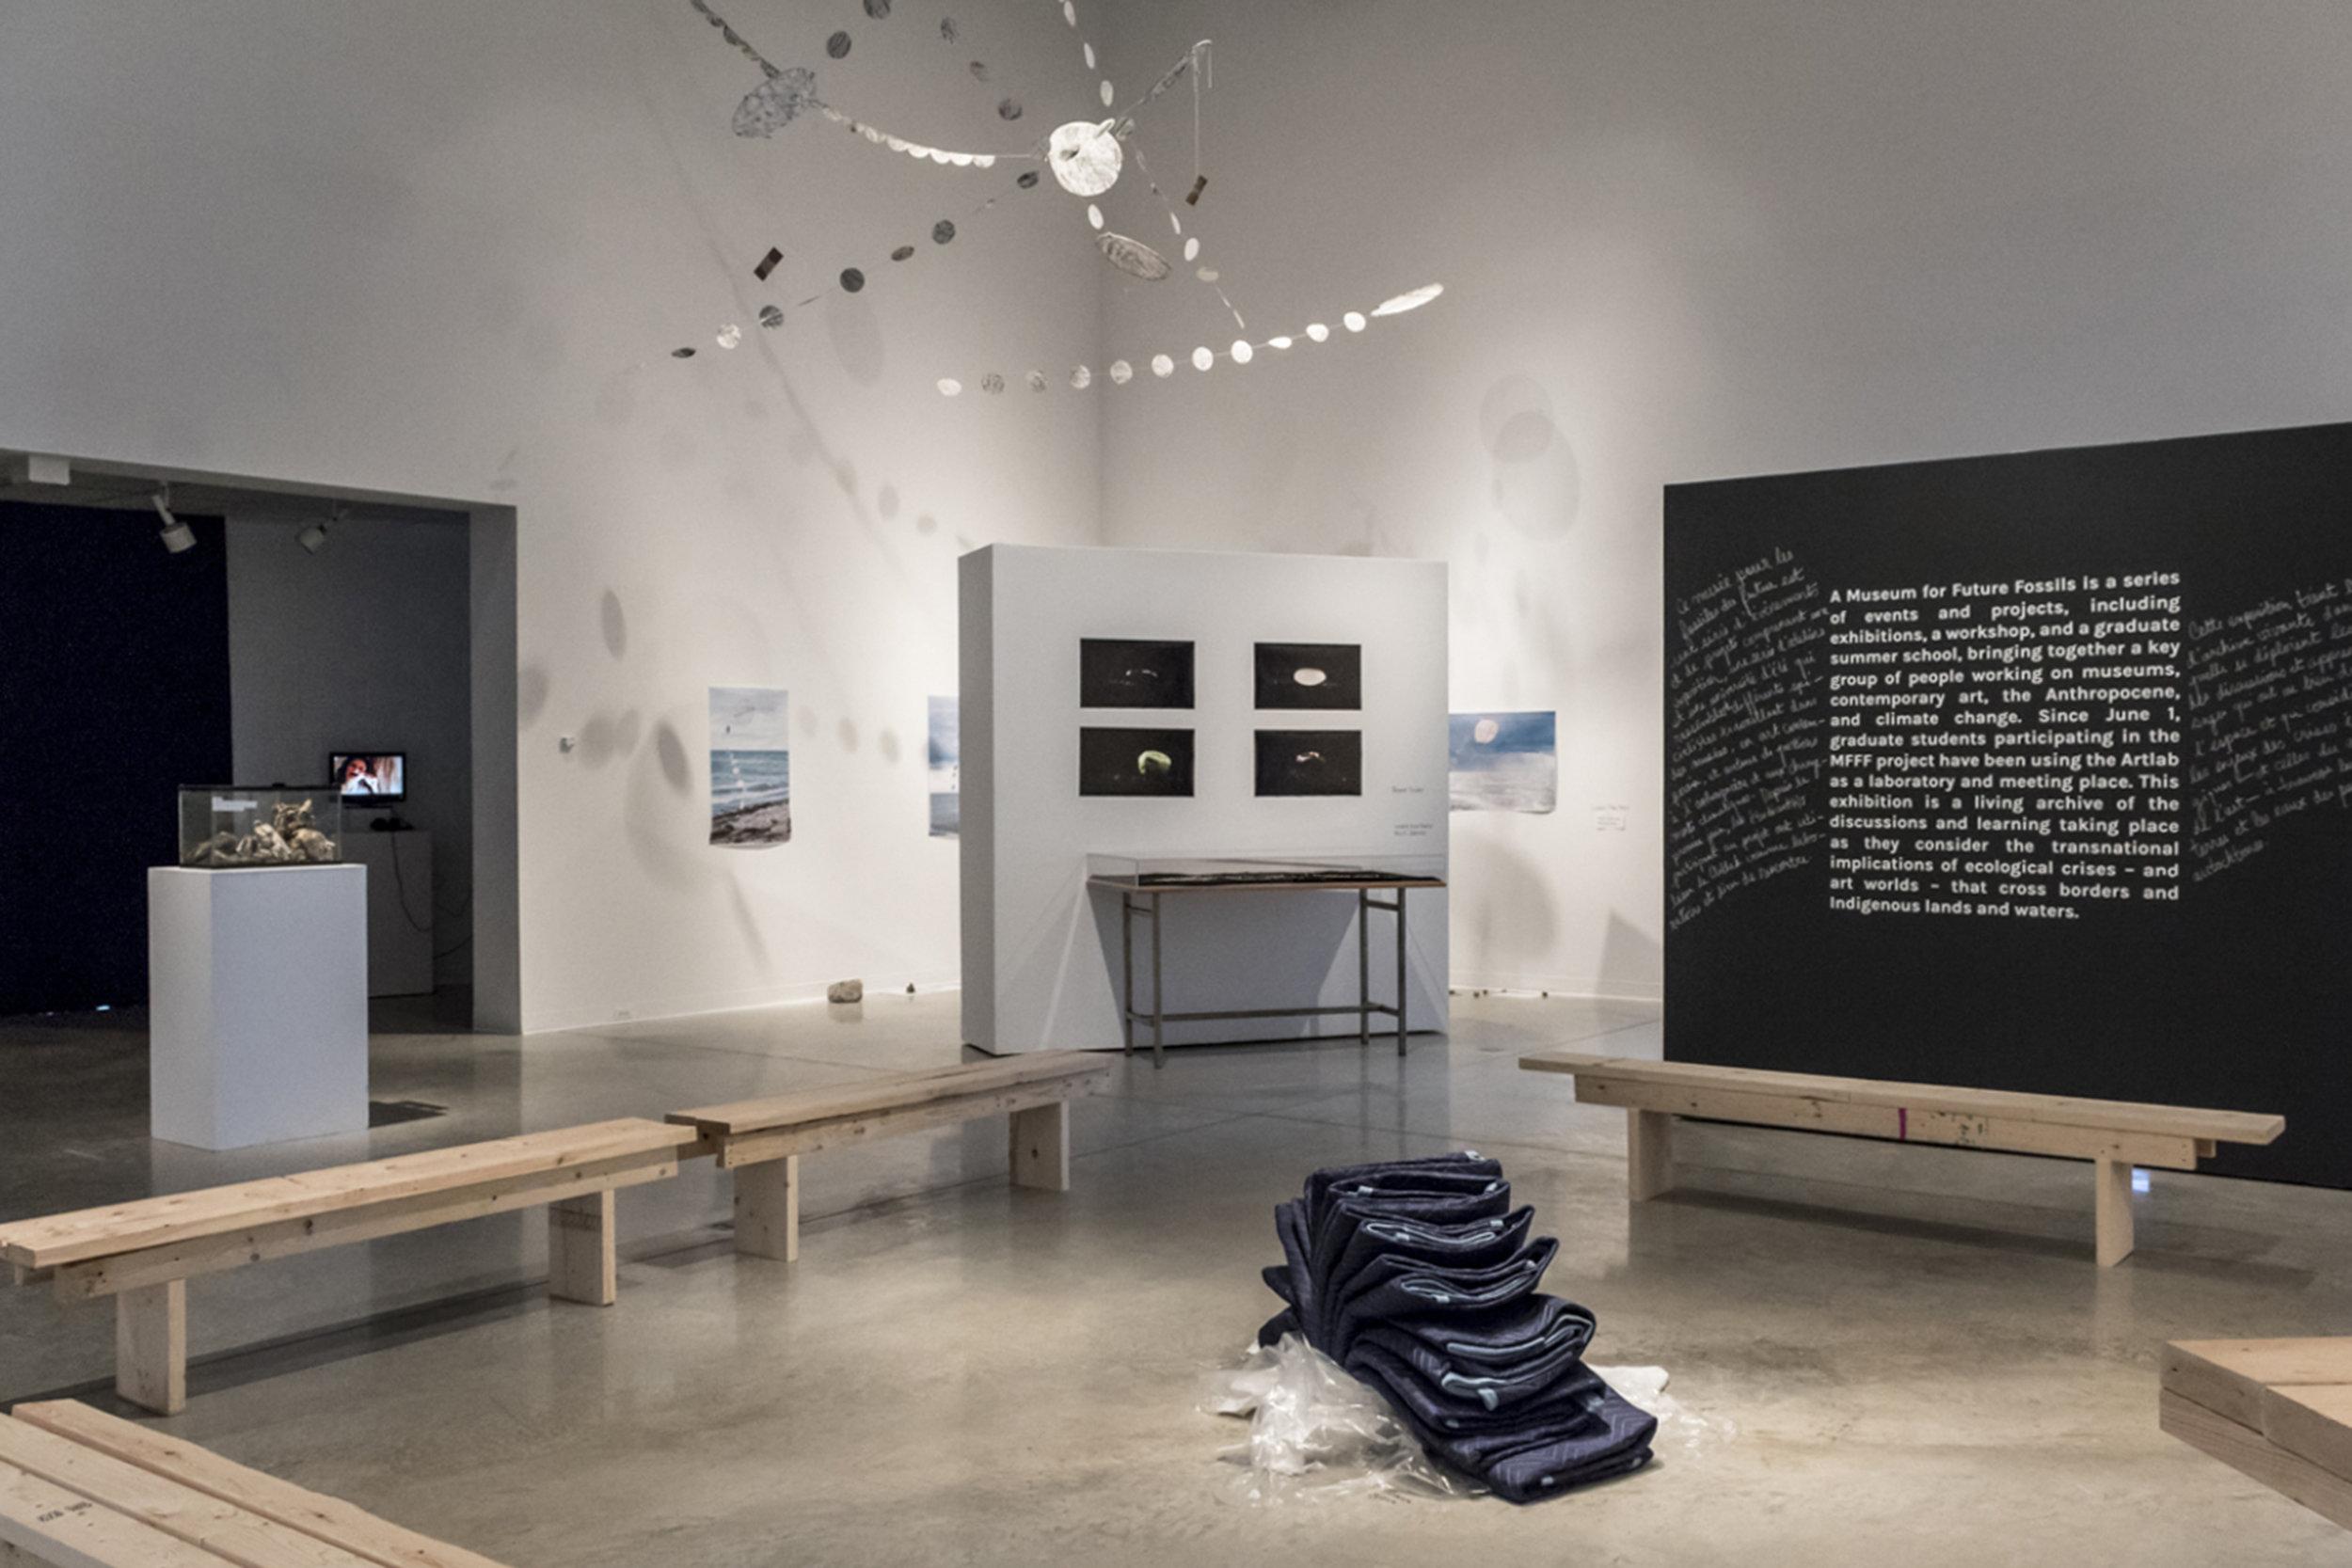 works by Patrick Bova (foreground), Bruno Sinder (background)